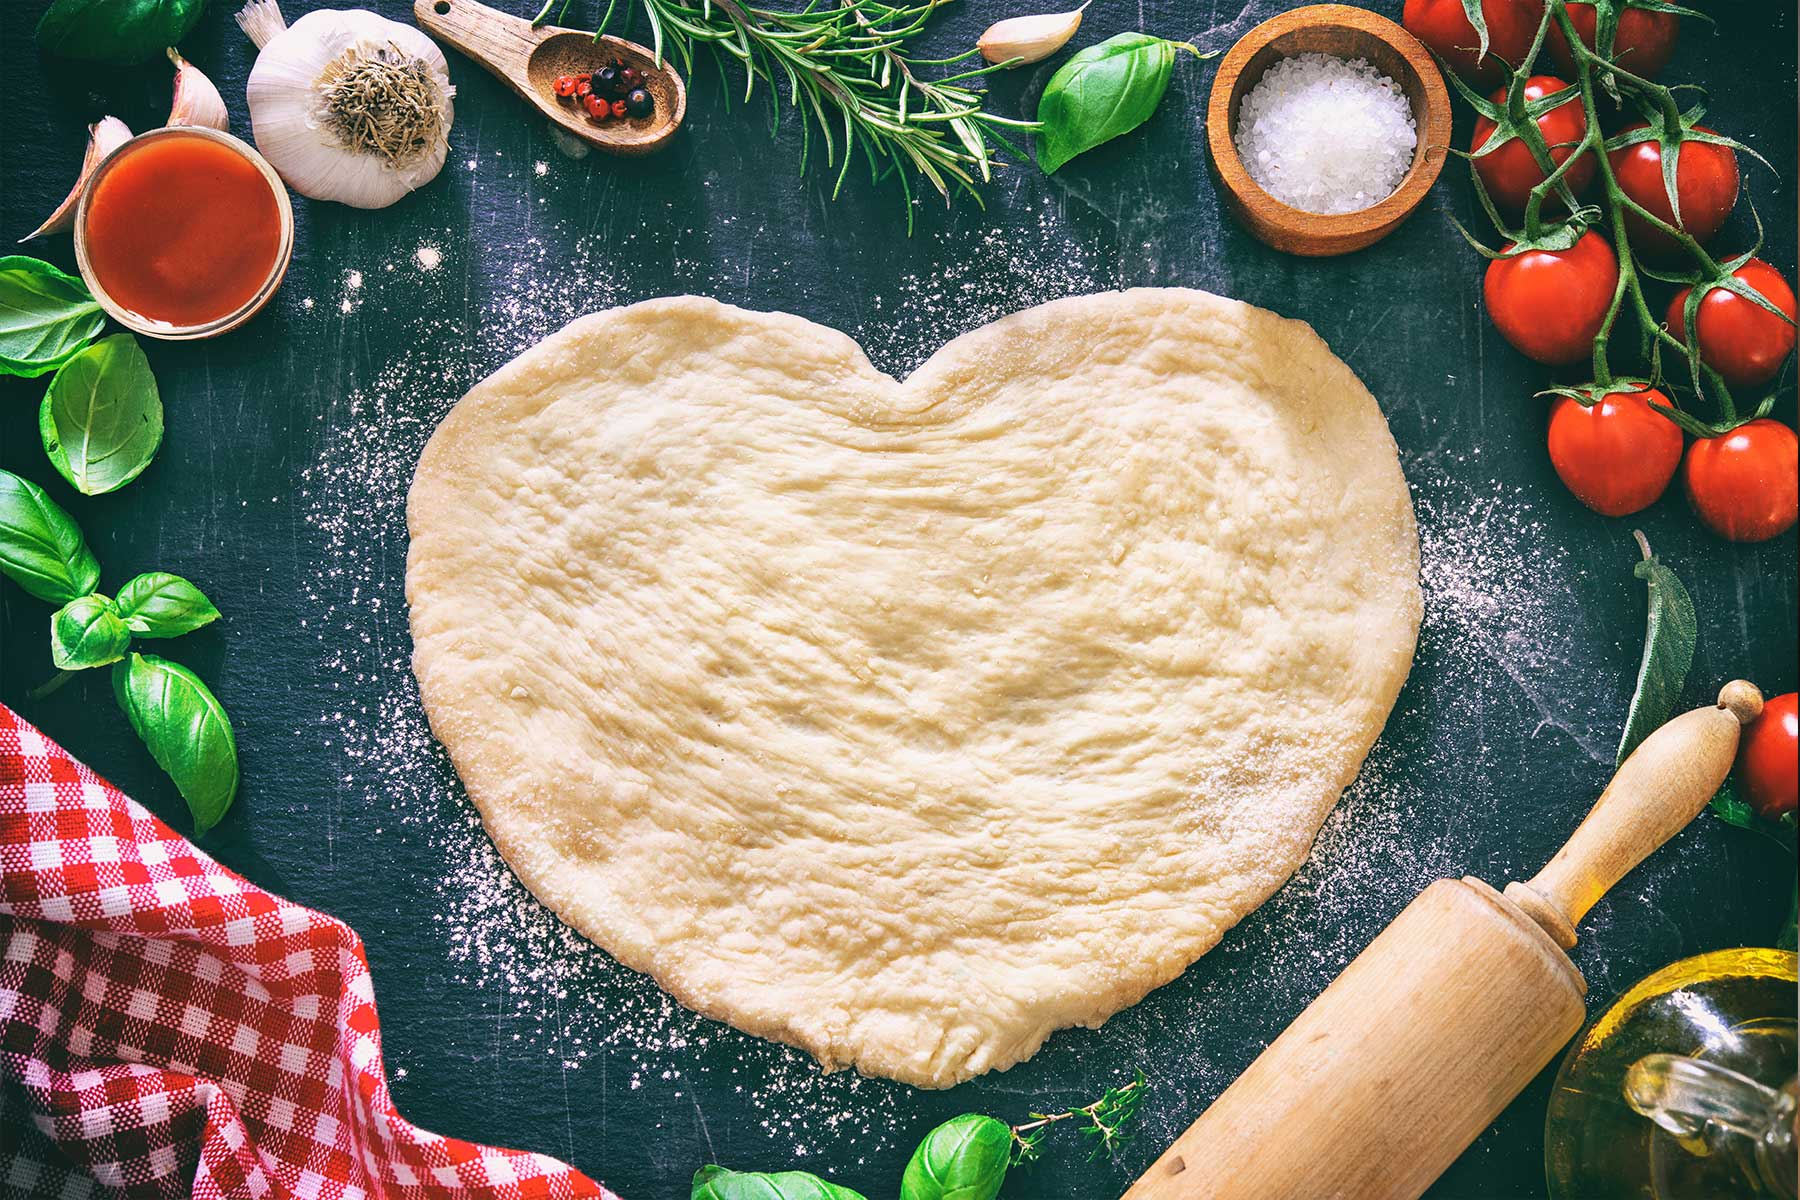 pizze tradizione napoletana anche senza glutine a riva san vitale ticino